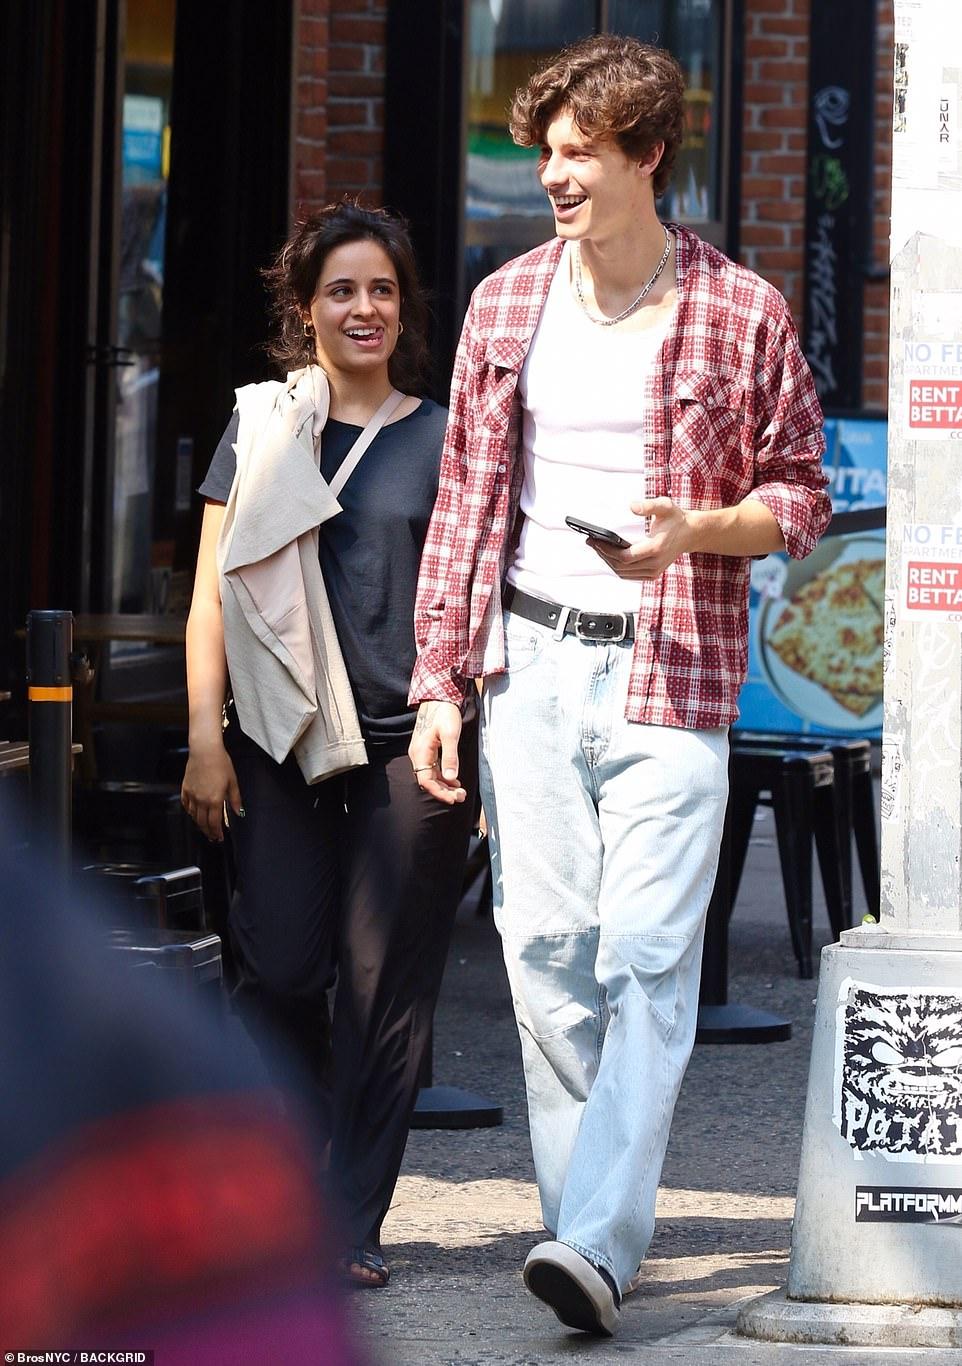 Shawn - Camila phát cẩu lương công khai: Nàng bật khóc tại quán ăn, chàng có cử chỉ ngọt ngào tan chảy gây sốt MXH - Ảnh 7.